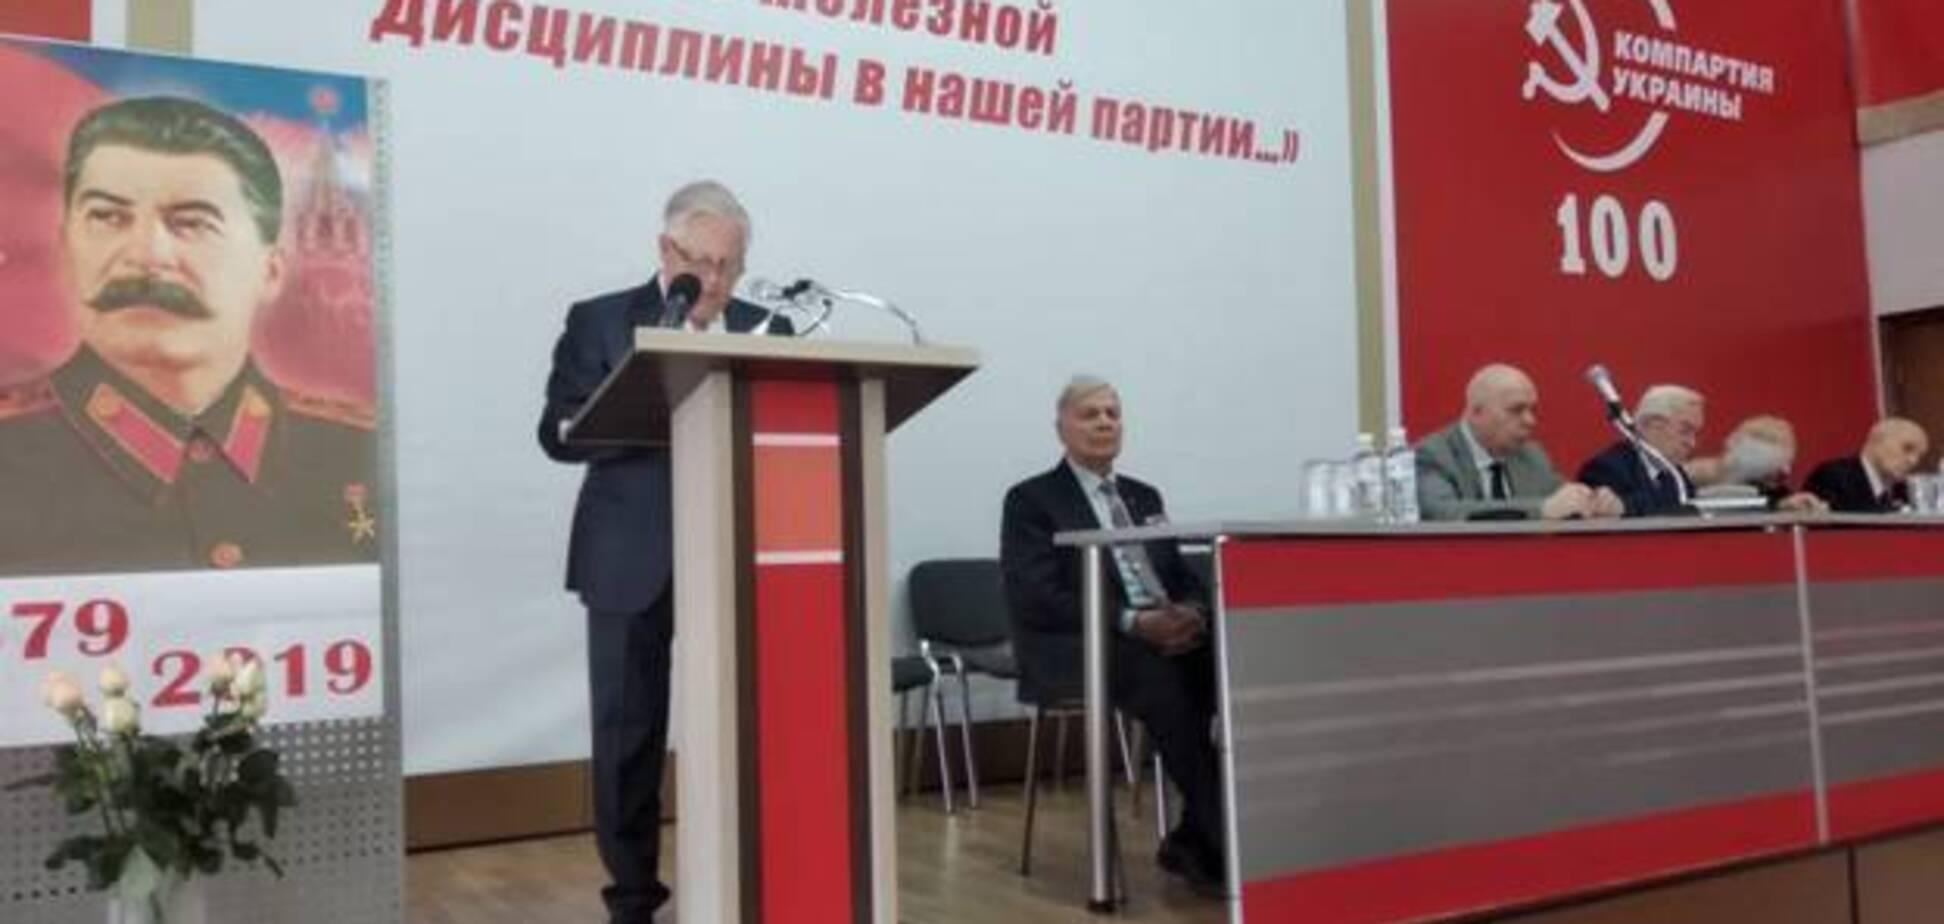 Запрещенная КПУ устроила в Киеве 'день Сталина': нардеп призвал Баканова разобраться